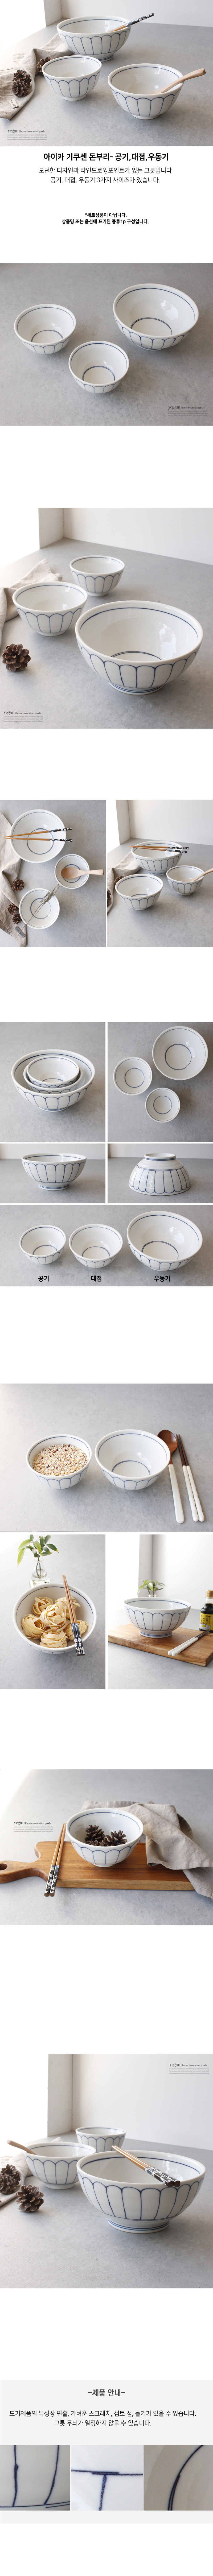 신혼부부 라인드로잉포인트 그릇(면기) - 베이비글, 18,000원, 파스타/면기/스프, 면기